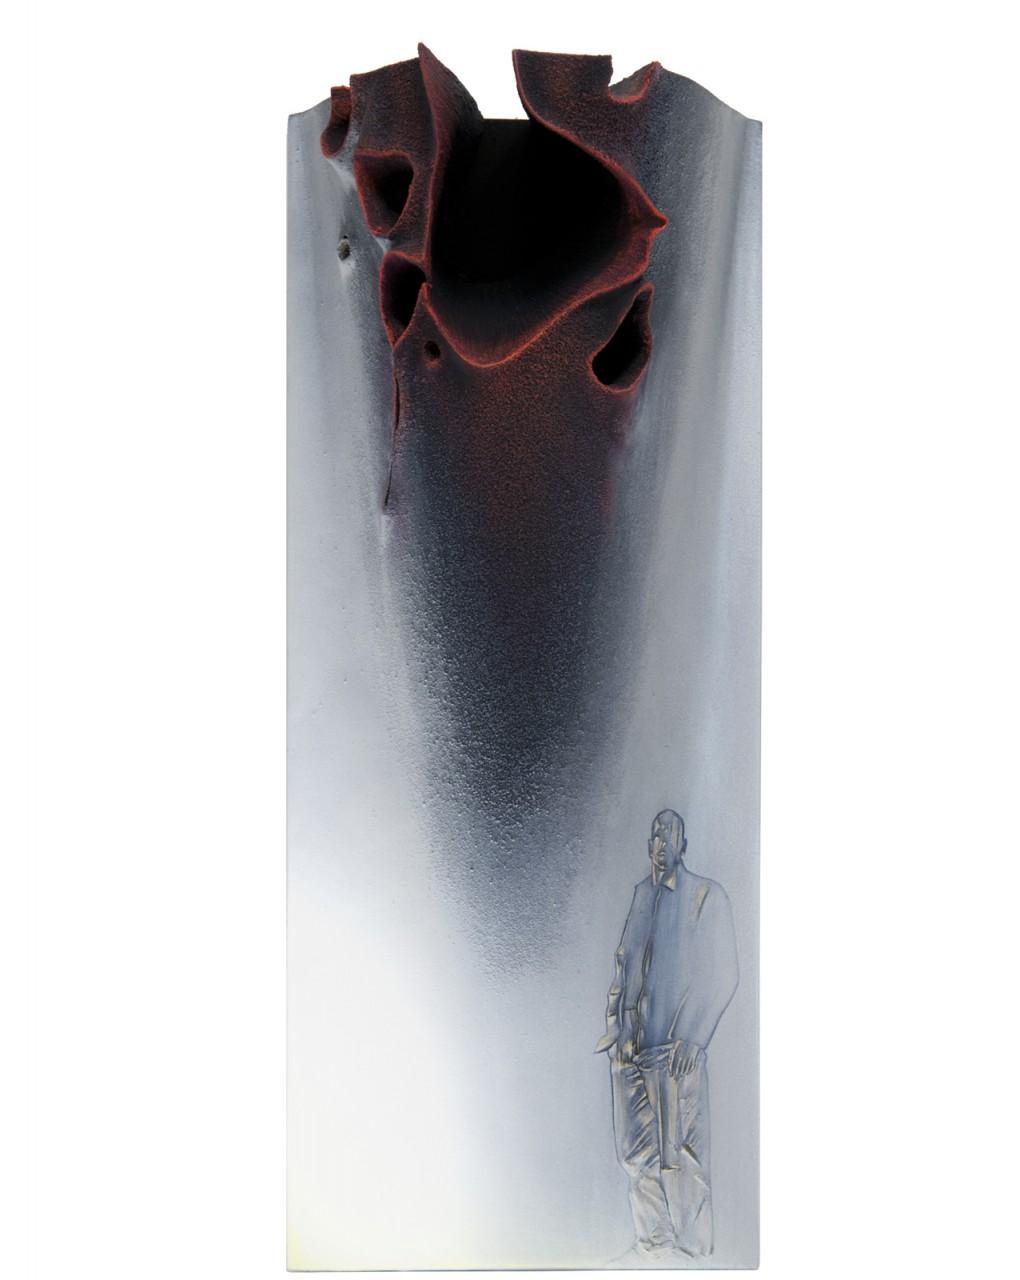 Passeggiata stoica 5 - 2014 - cm 24,7x61 - depth cm 13,5